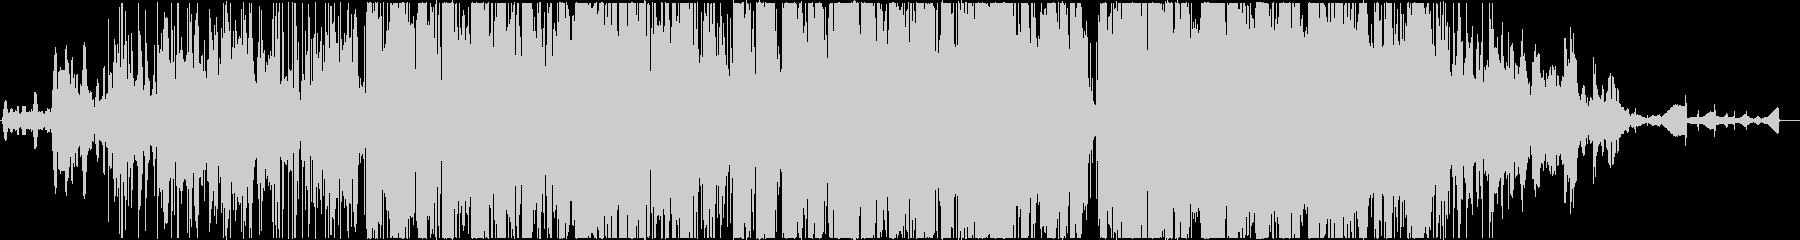 実験的 ロック ポストロック 透明...の未再生の波形